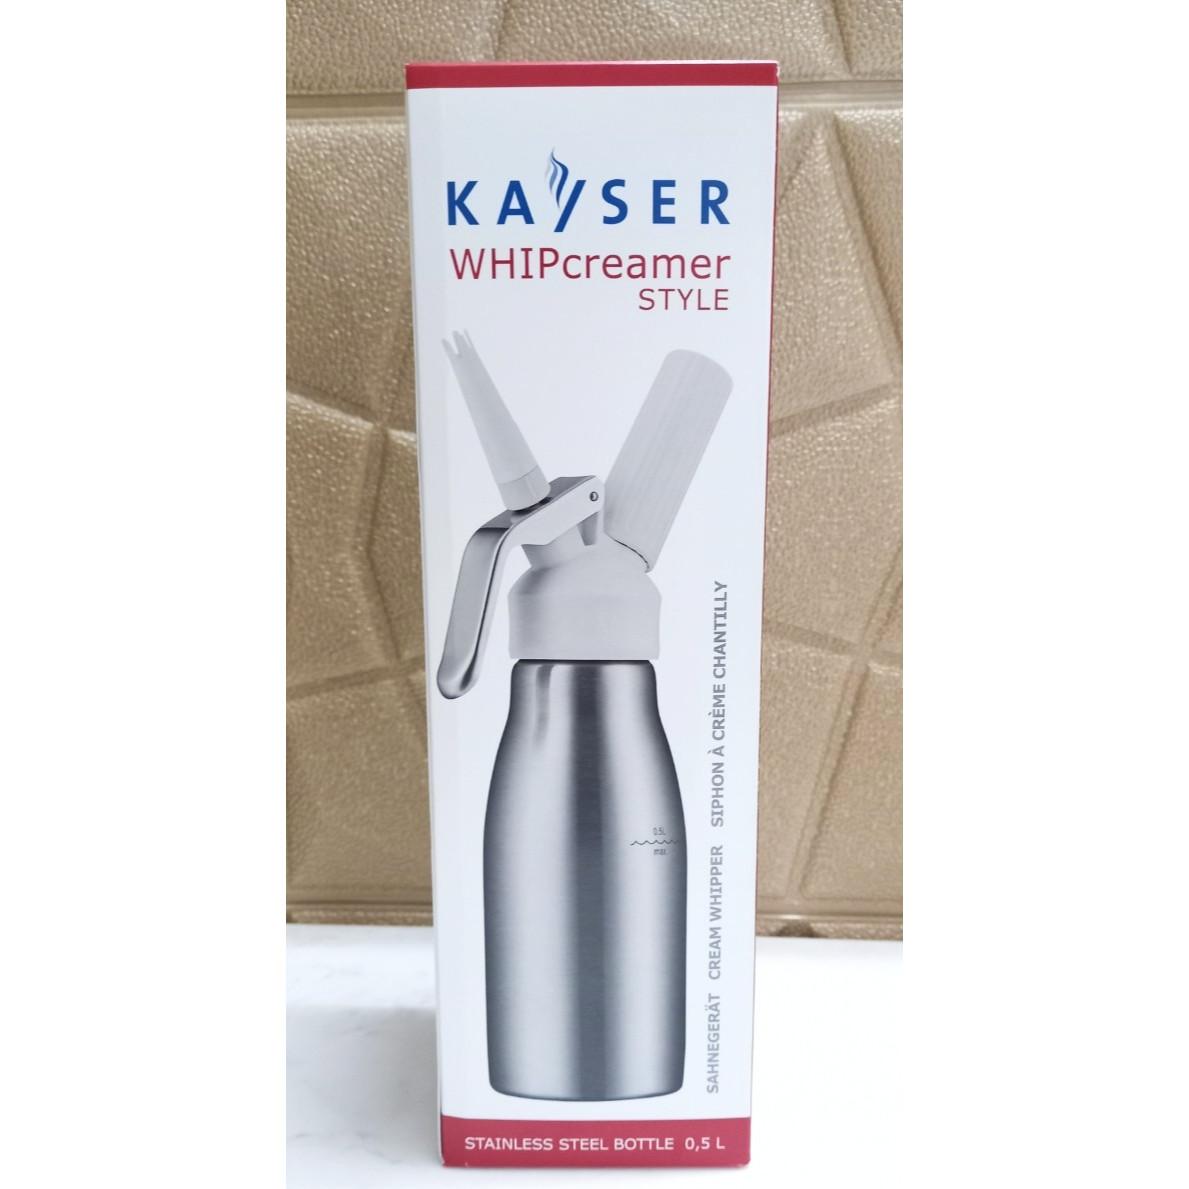 Bình Xịt Kem Tươi bằng Inox hiệu KAYSER dung tích 0.5 Lít mã hàng 4950 (Bình Inox, đầu nhựa) - Hàng Nhập Khẩu